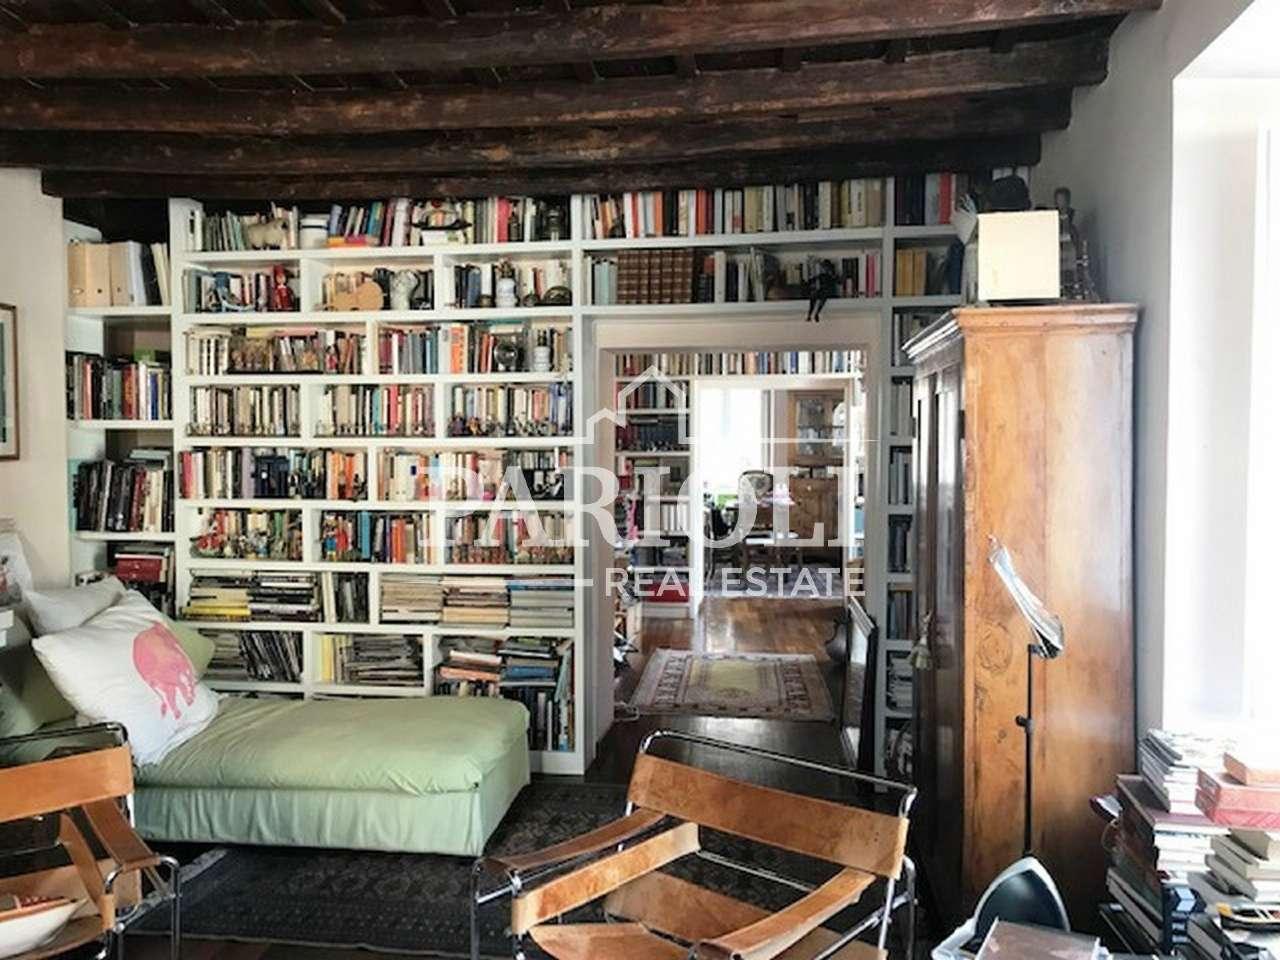 Appartamento in vendita a Roma, 4 locali, zona Zona: 1 . Centro storico, prezzo € 820.000 | CambioCasa.it